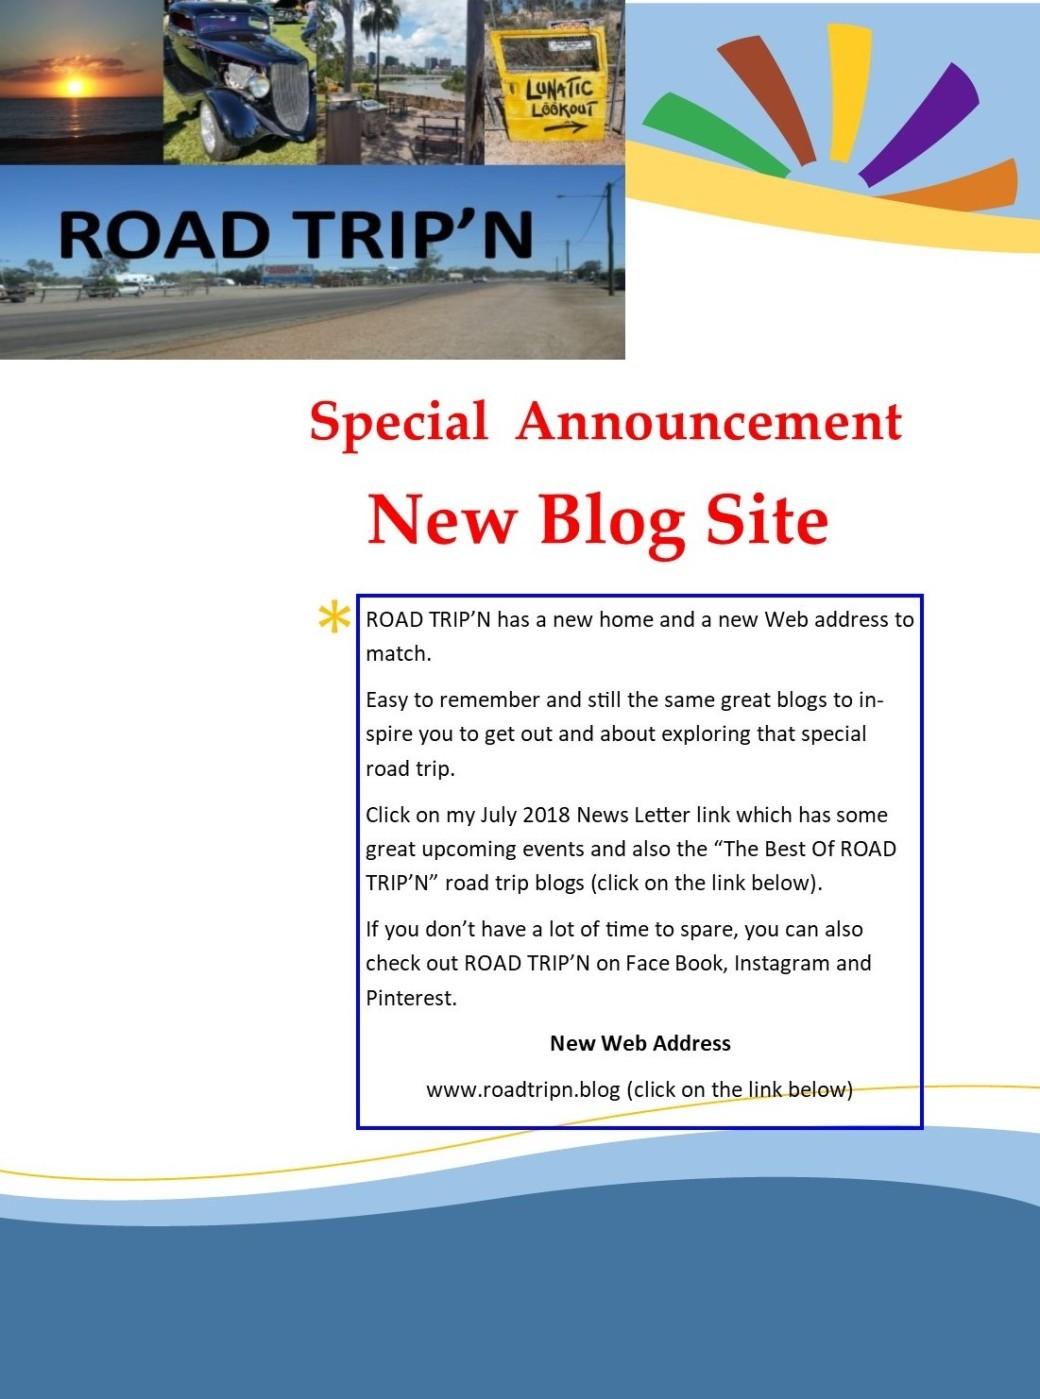 New Blog Site - ROAD TRIP'N